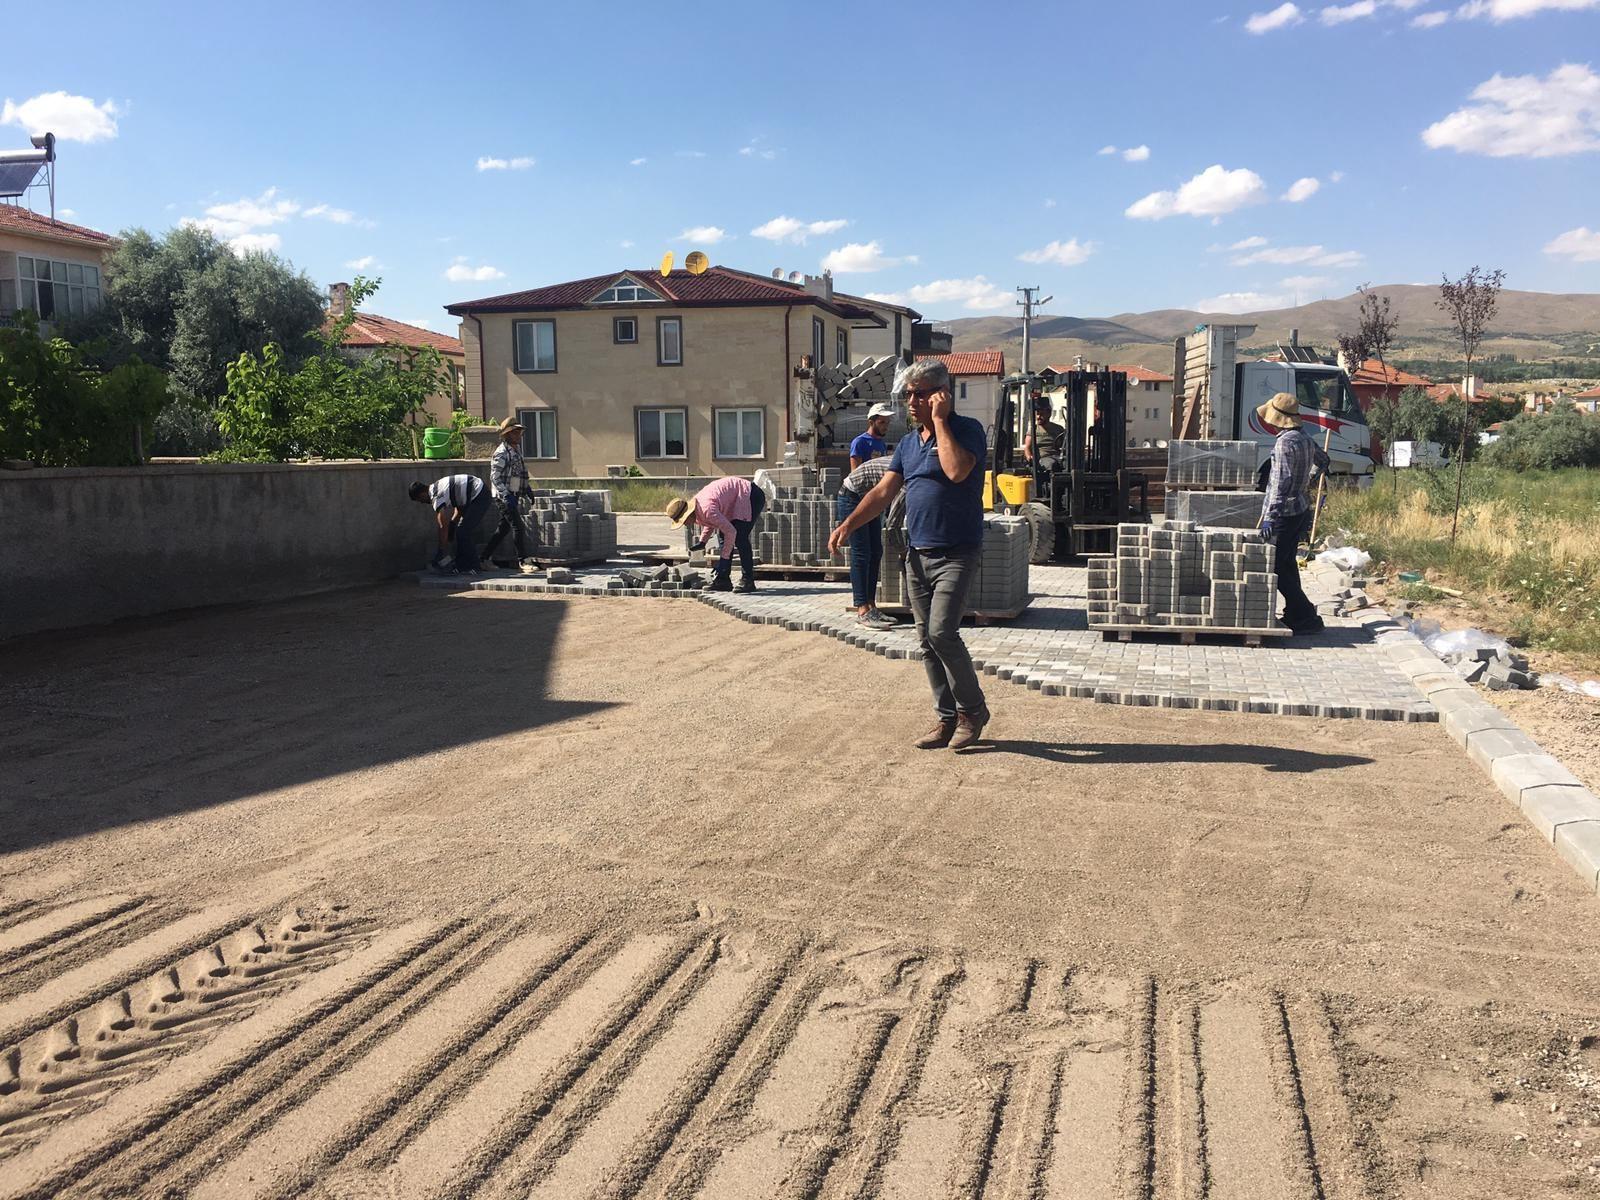 Yeni Mahalle Karadağ Caddesinde Parke taş döşeme çalışmalarımız tüm hızıyla devam ediyor.